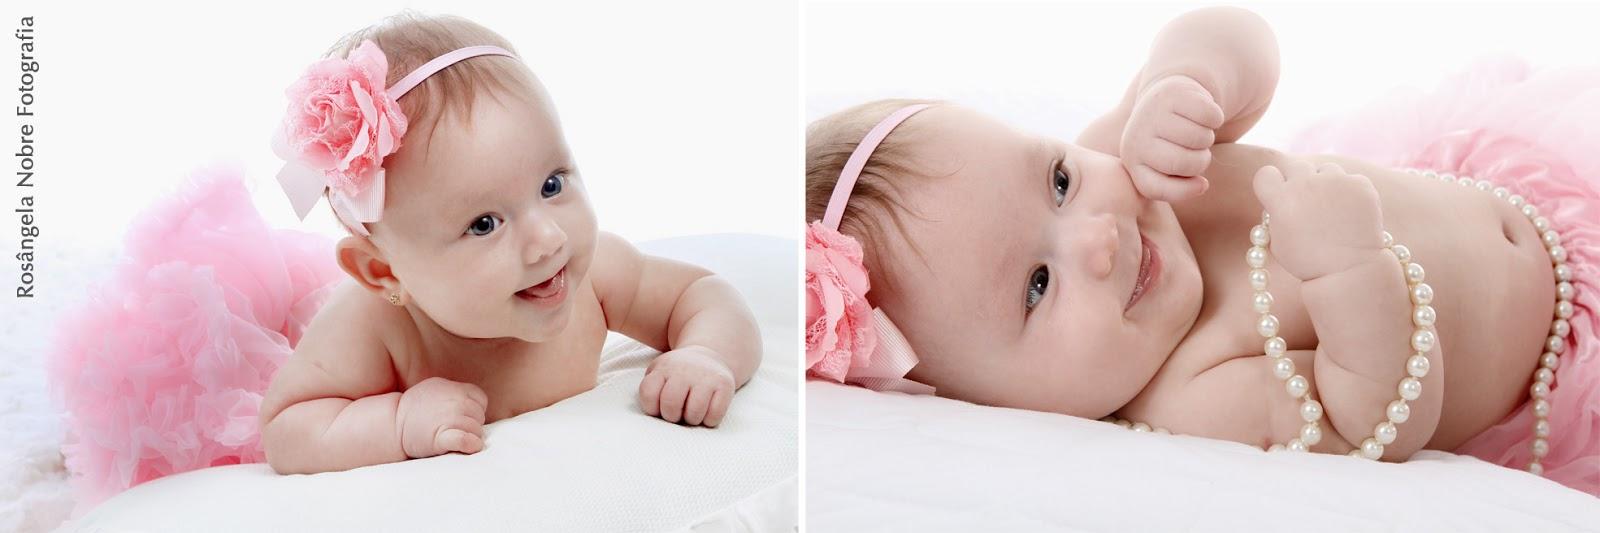 Ros ngela nobre ensaio nina flor 3 meses - Bebes de tres meses ...